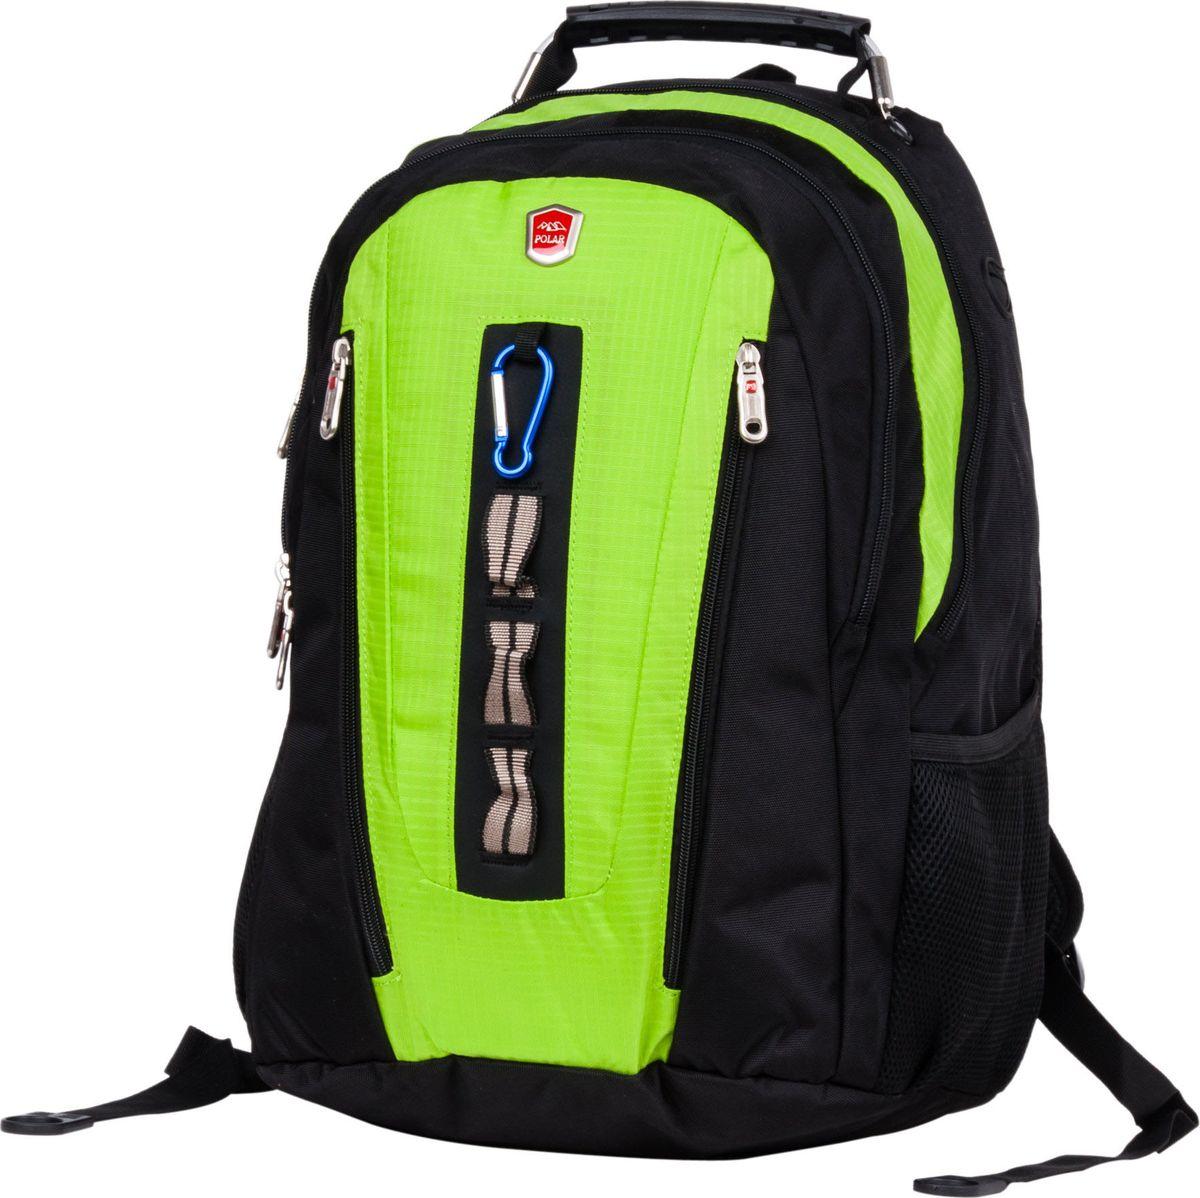 """Рюкзак городской Polar, цвет: зеленый, 26,5 л. 983049983049Рюкзак Polar подойдет для ноутбука до 15"""". Во втором отделении есть карман для ноутбука (30 х 29 х 3 см), большой карман на молнии для личных вещей, и небольшой открытый карман для мелких предметов. Спереди накладной карман на молнии, внутри которого органайзер и крепление для ключей. На клапане накладного кармана расположены два кармана на молнии. По бокам два кармана из мягкого сетчатого материала на резинке. Сверху эргономичная и крепкая ручка с металлическим тросом внутри для переноски, а также есть петля подвешивания."""